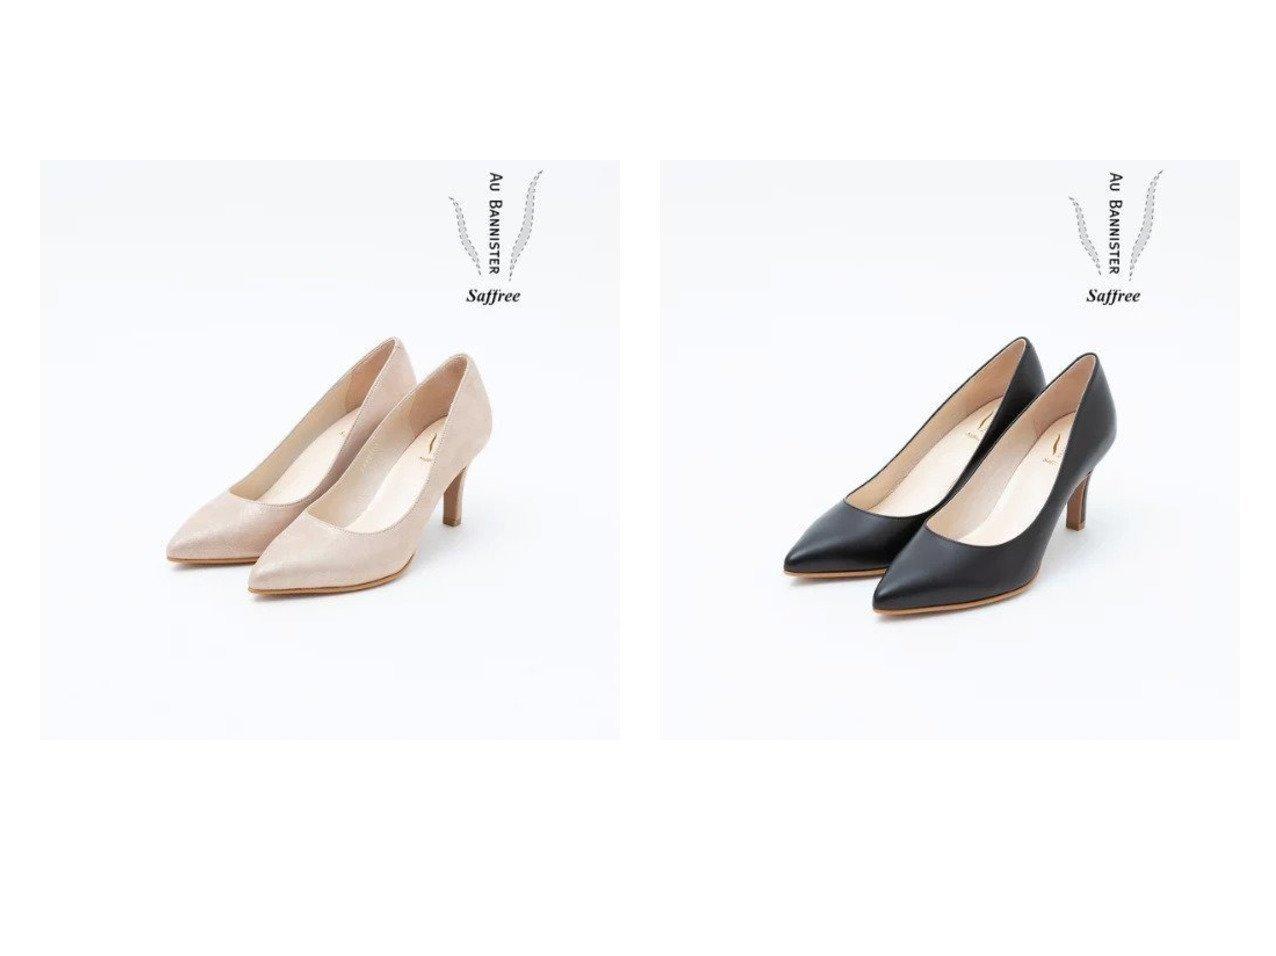 【Au BANNISTER/オゥ バニスター】のSaffreeハイヒールパンプス シューズ・靴のおすすめ!人気、トレンド・レディースファッションの通販  おすすめで人気の流行・トレンド、ファッションの通販商品 メンズファッション・キッズファッション・インテリア・家具・レディースファッション・服の通販 founy(ファニー) https://founy.com/ ファッション Fashion レディースファッション WOMEN インソール シューズ ダウン デニム ハイヒール 人気 春 Spring |ID:crp329100000010839